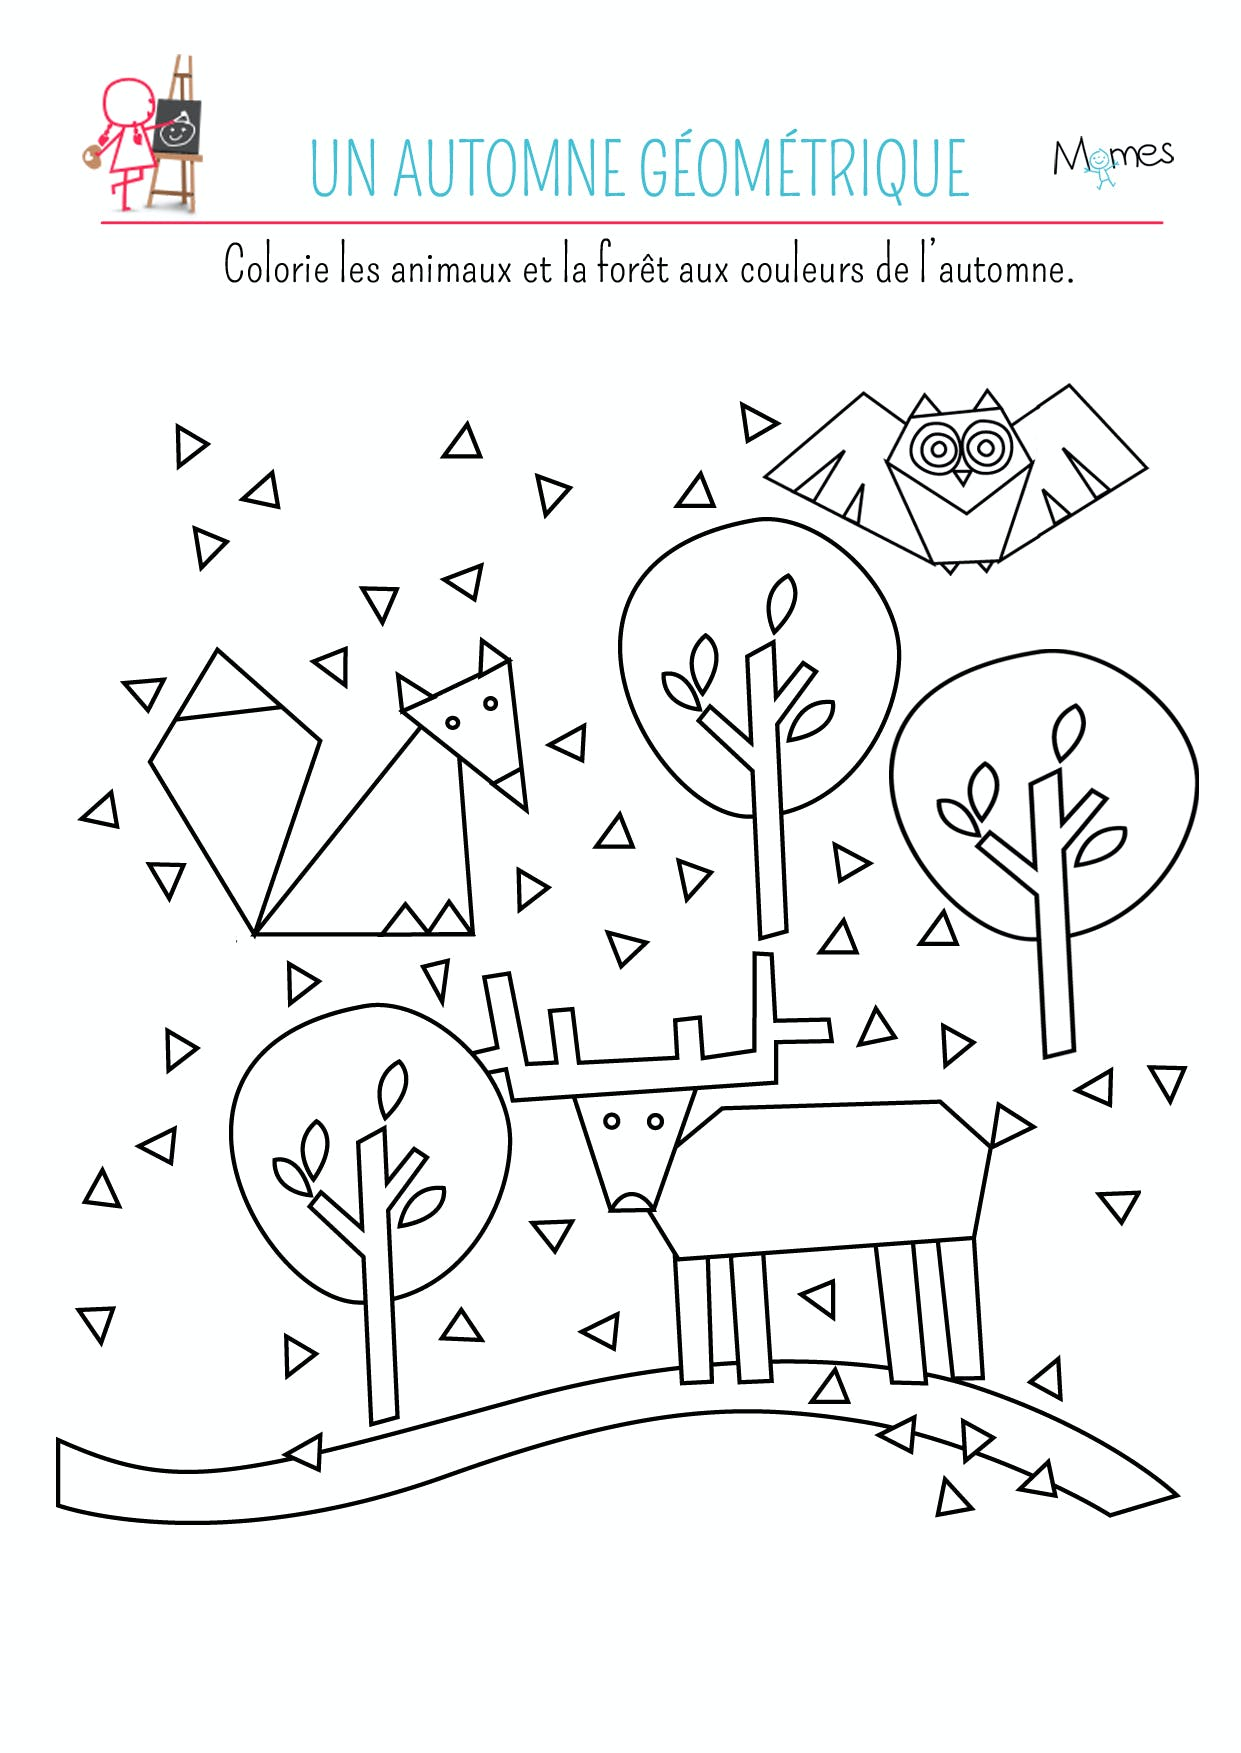 Coloriage automne géométrique à imprimer